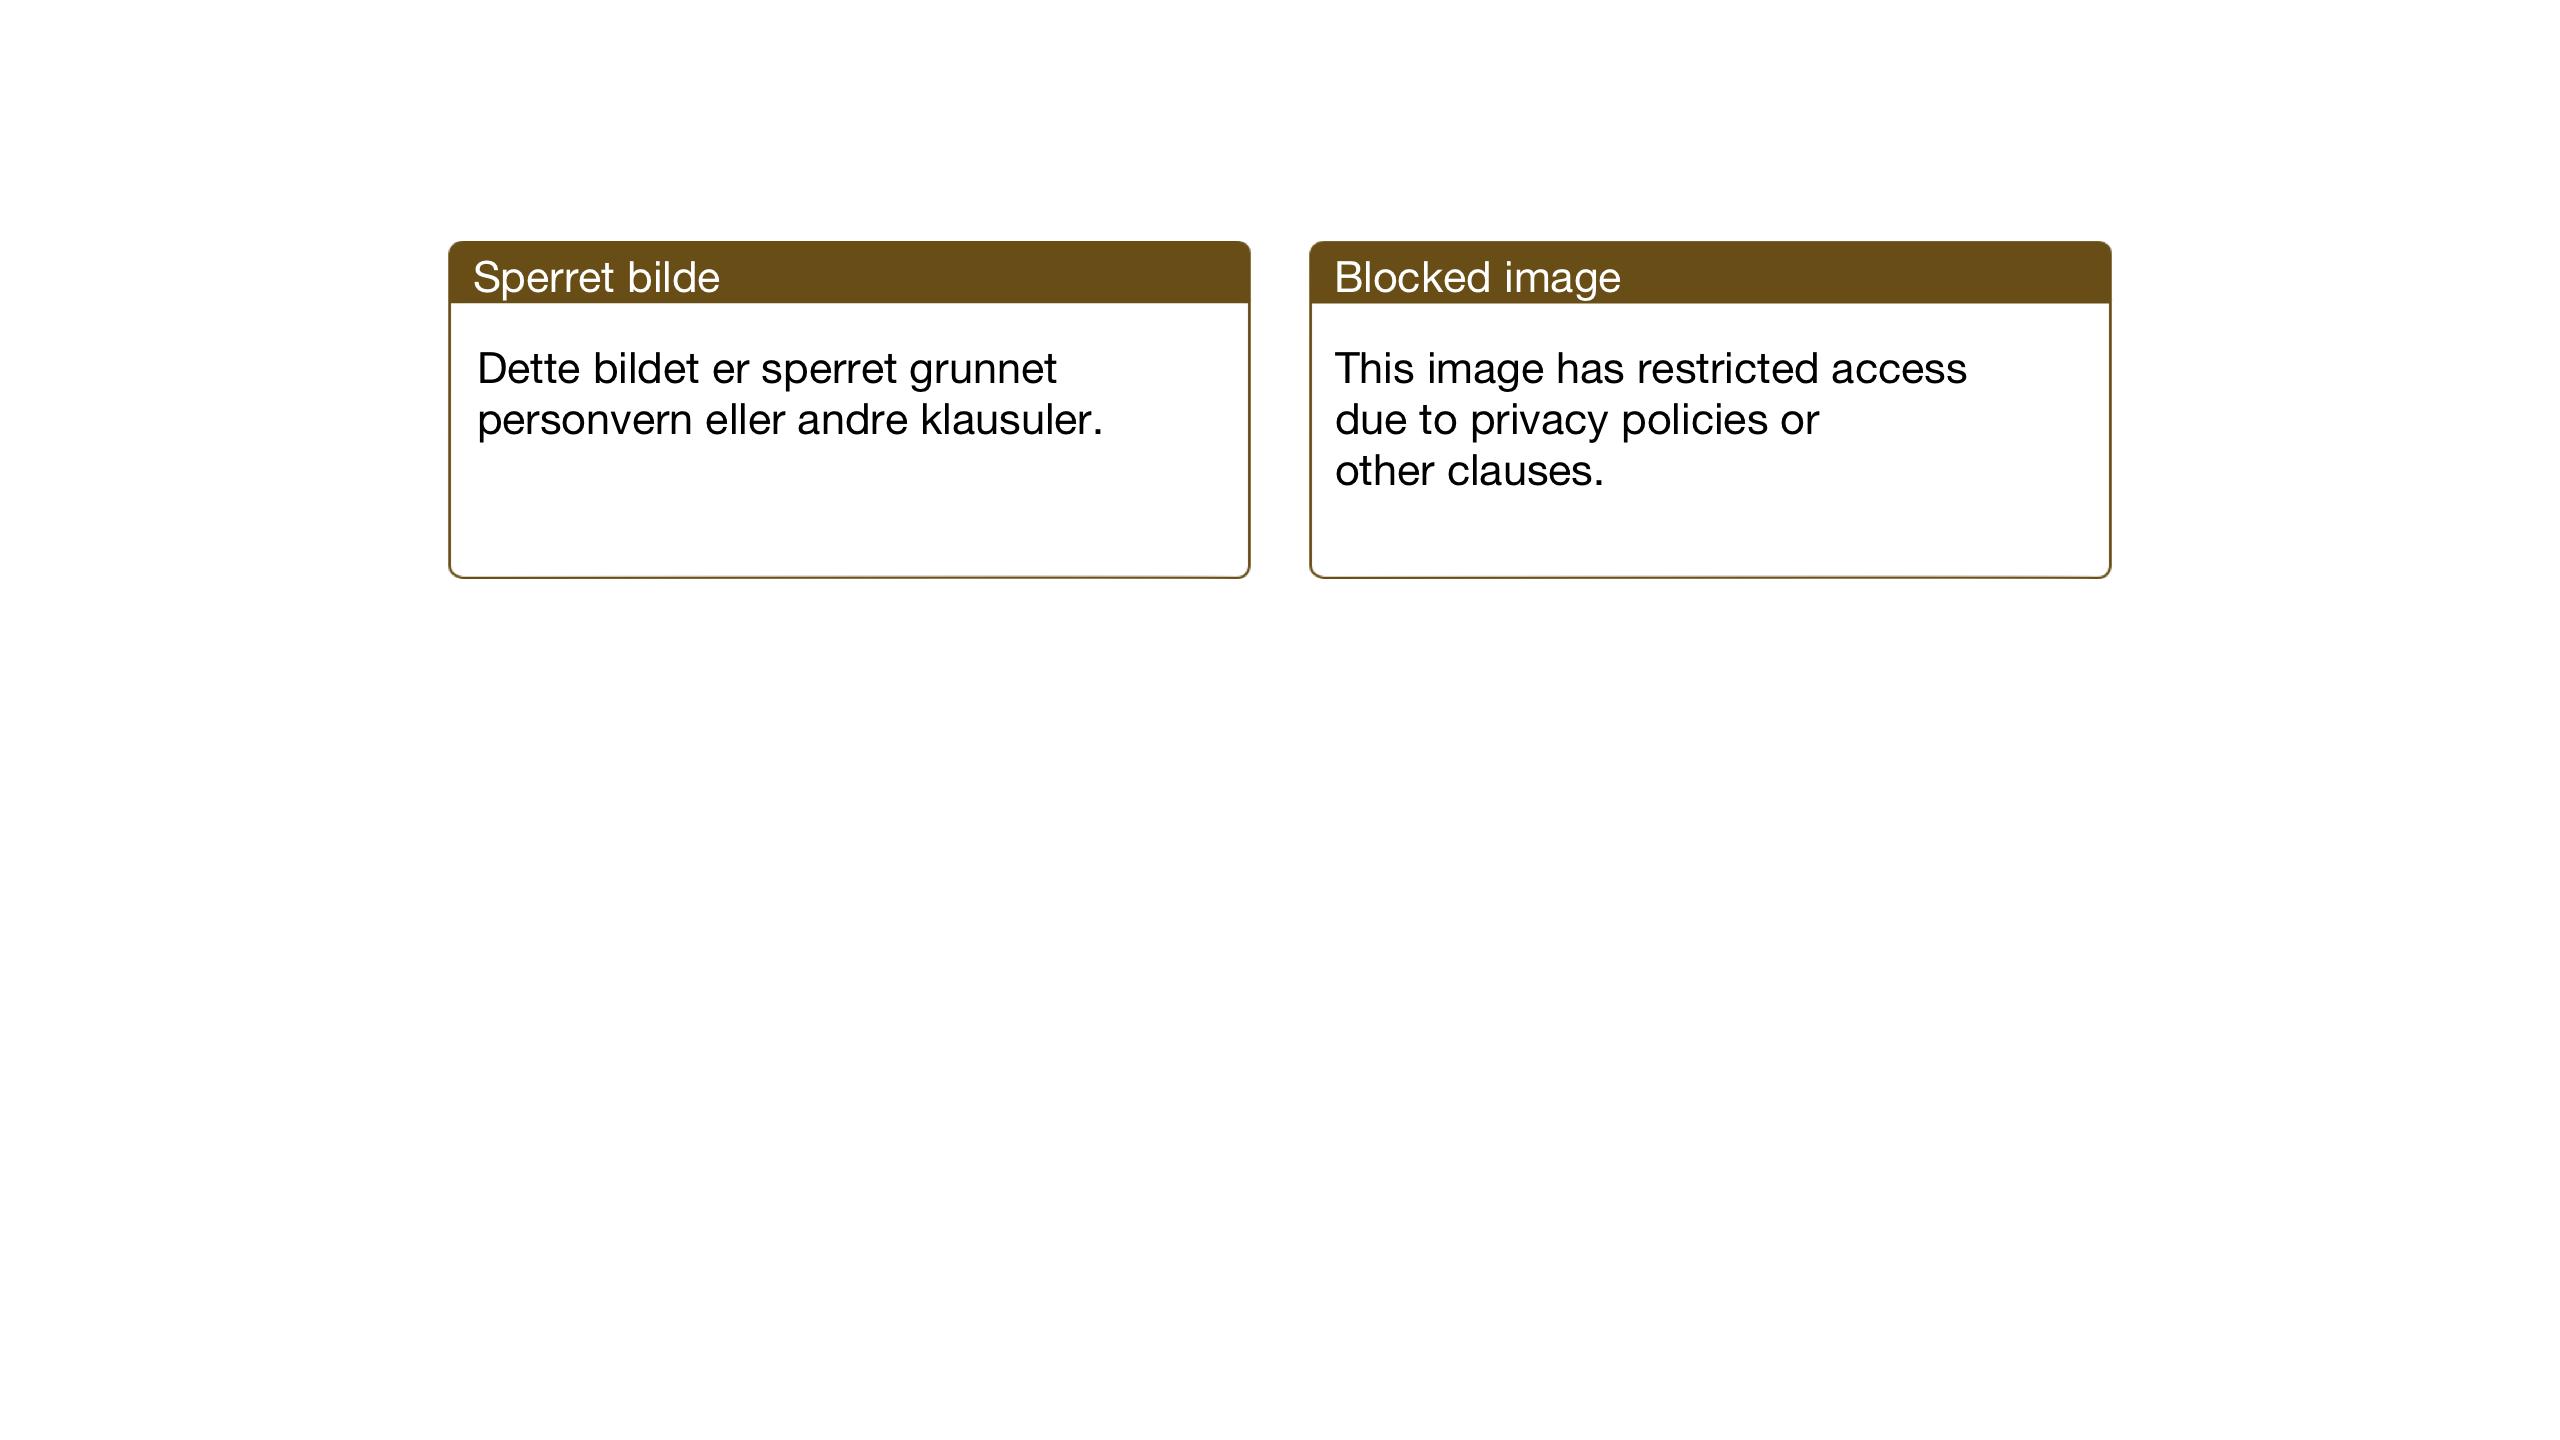 SAT, Ministerialprotokoller, klokkerbøker og fødselsregistre - Nord-Trøndelag, 733/L0328: Klokkerbok nr. 733C03, 1919-1966, s. 82